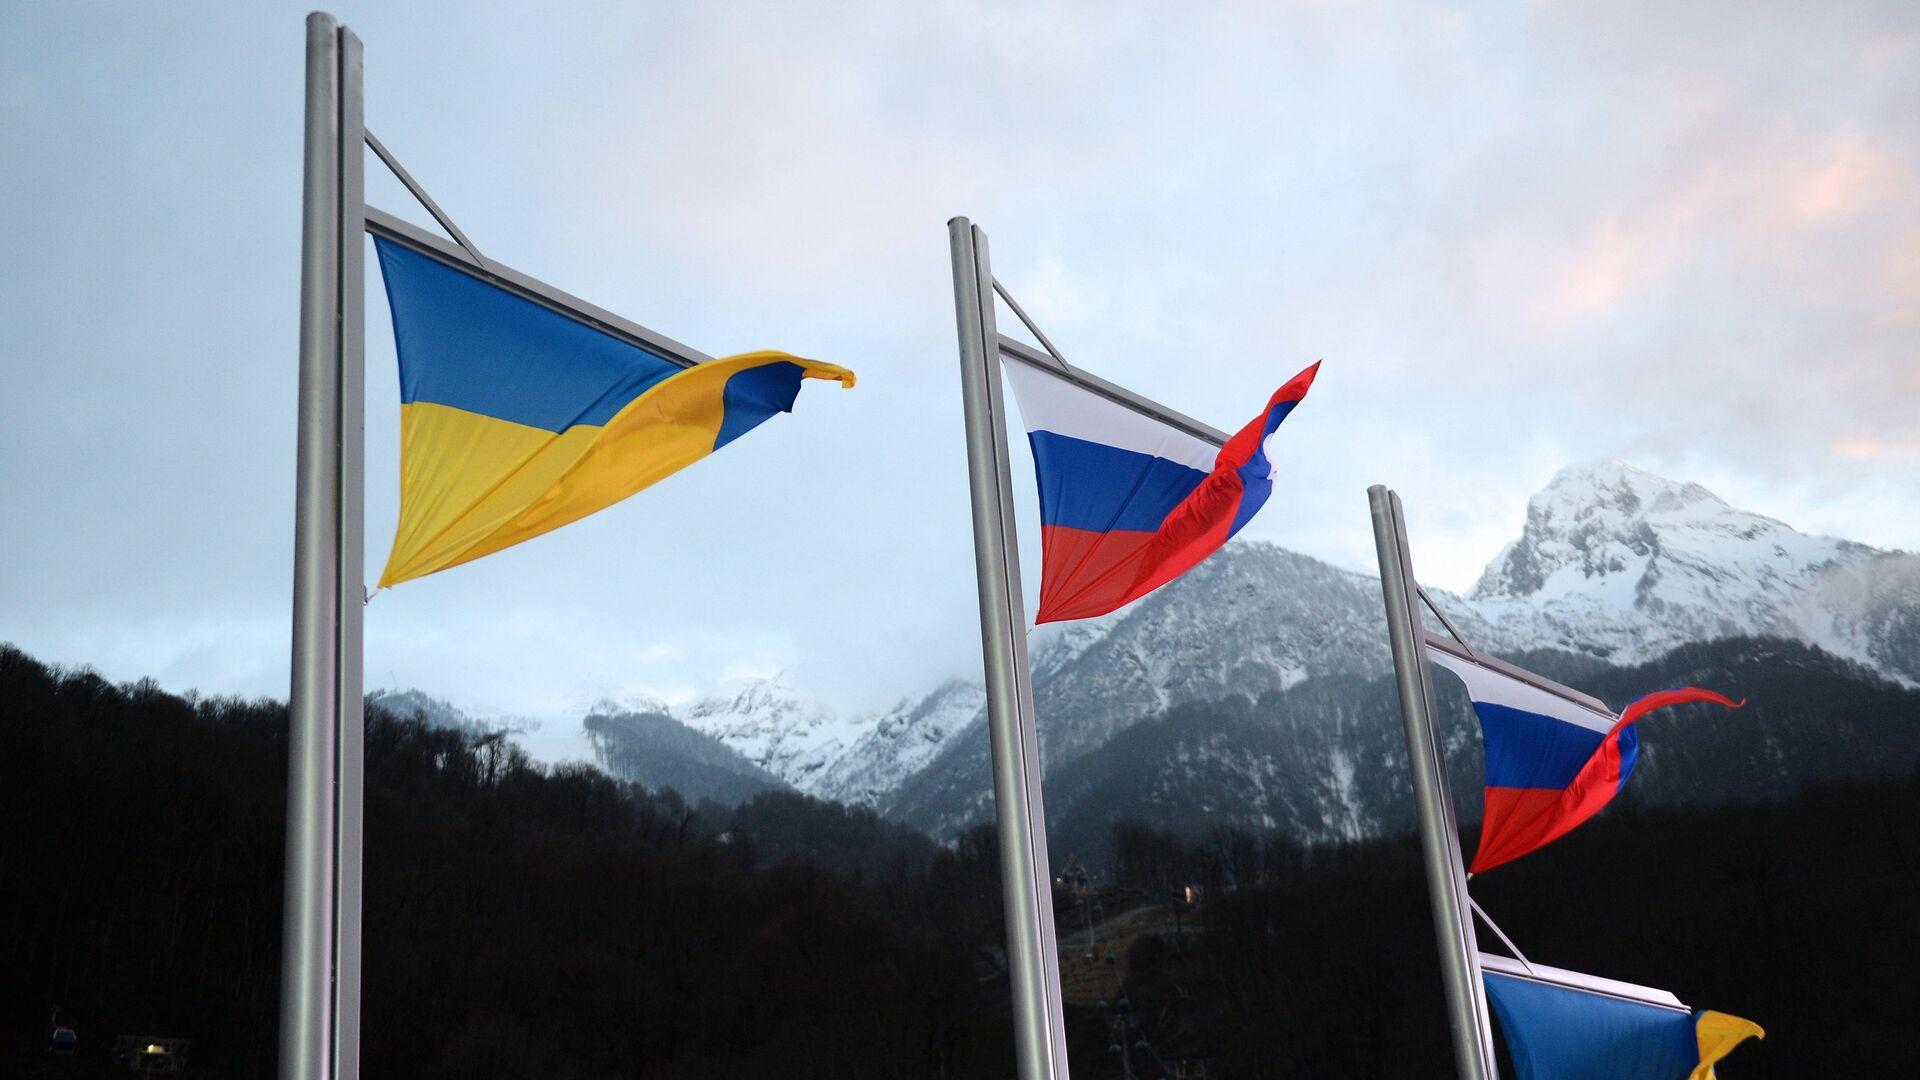 Национальные флаги Украины и России - РИА Новости, 1920, 02.08.2021